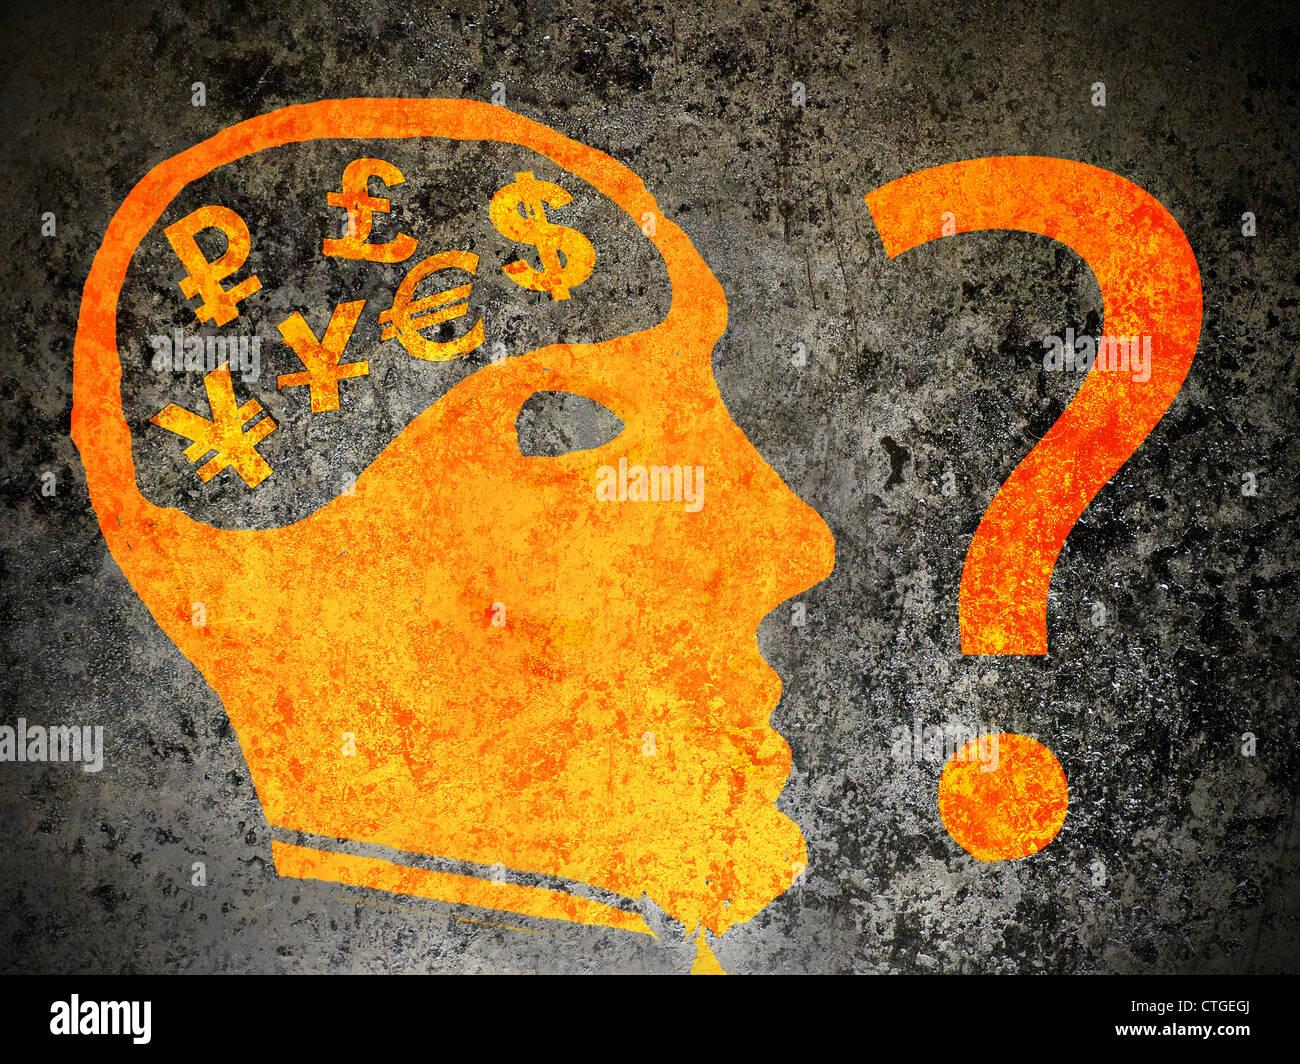 Economia concetto confusione di arancione e nero illustrazione Immagini Stock